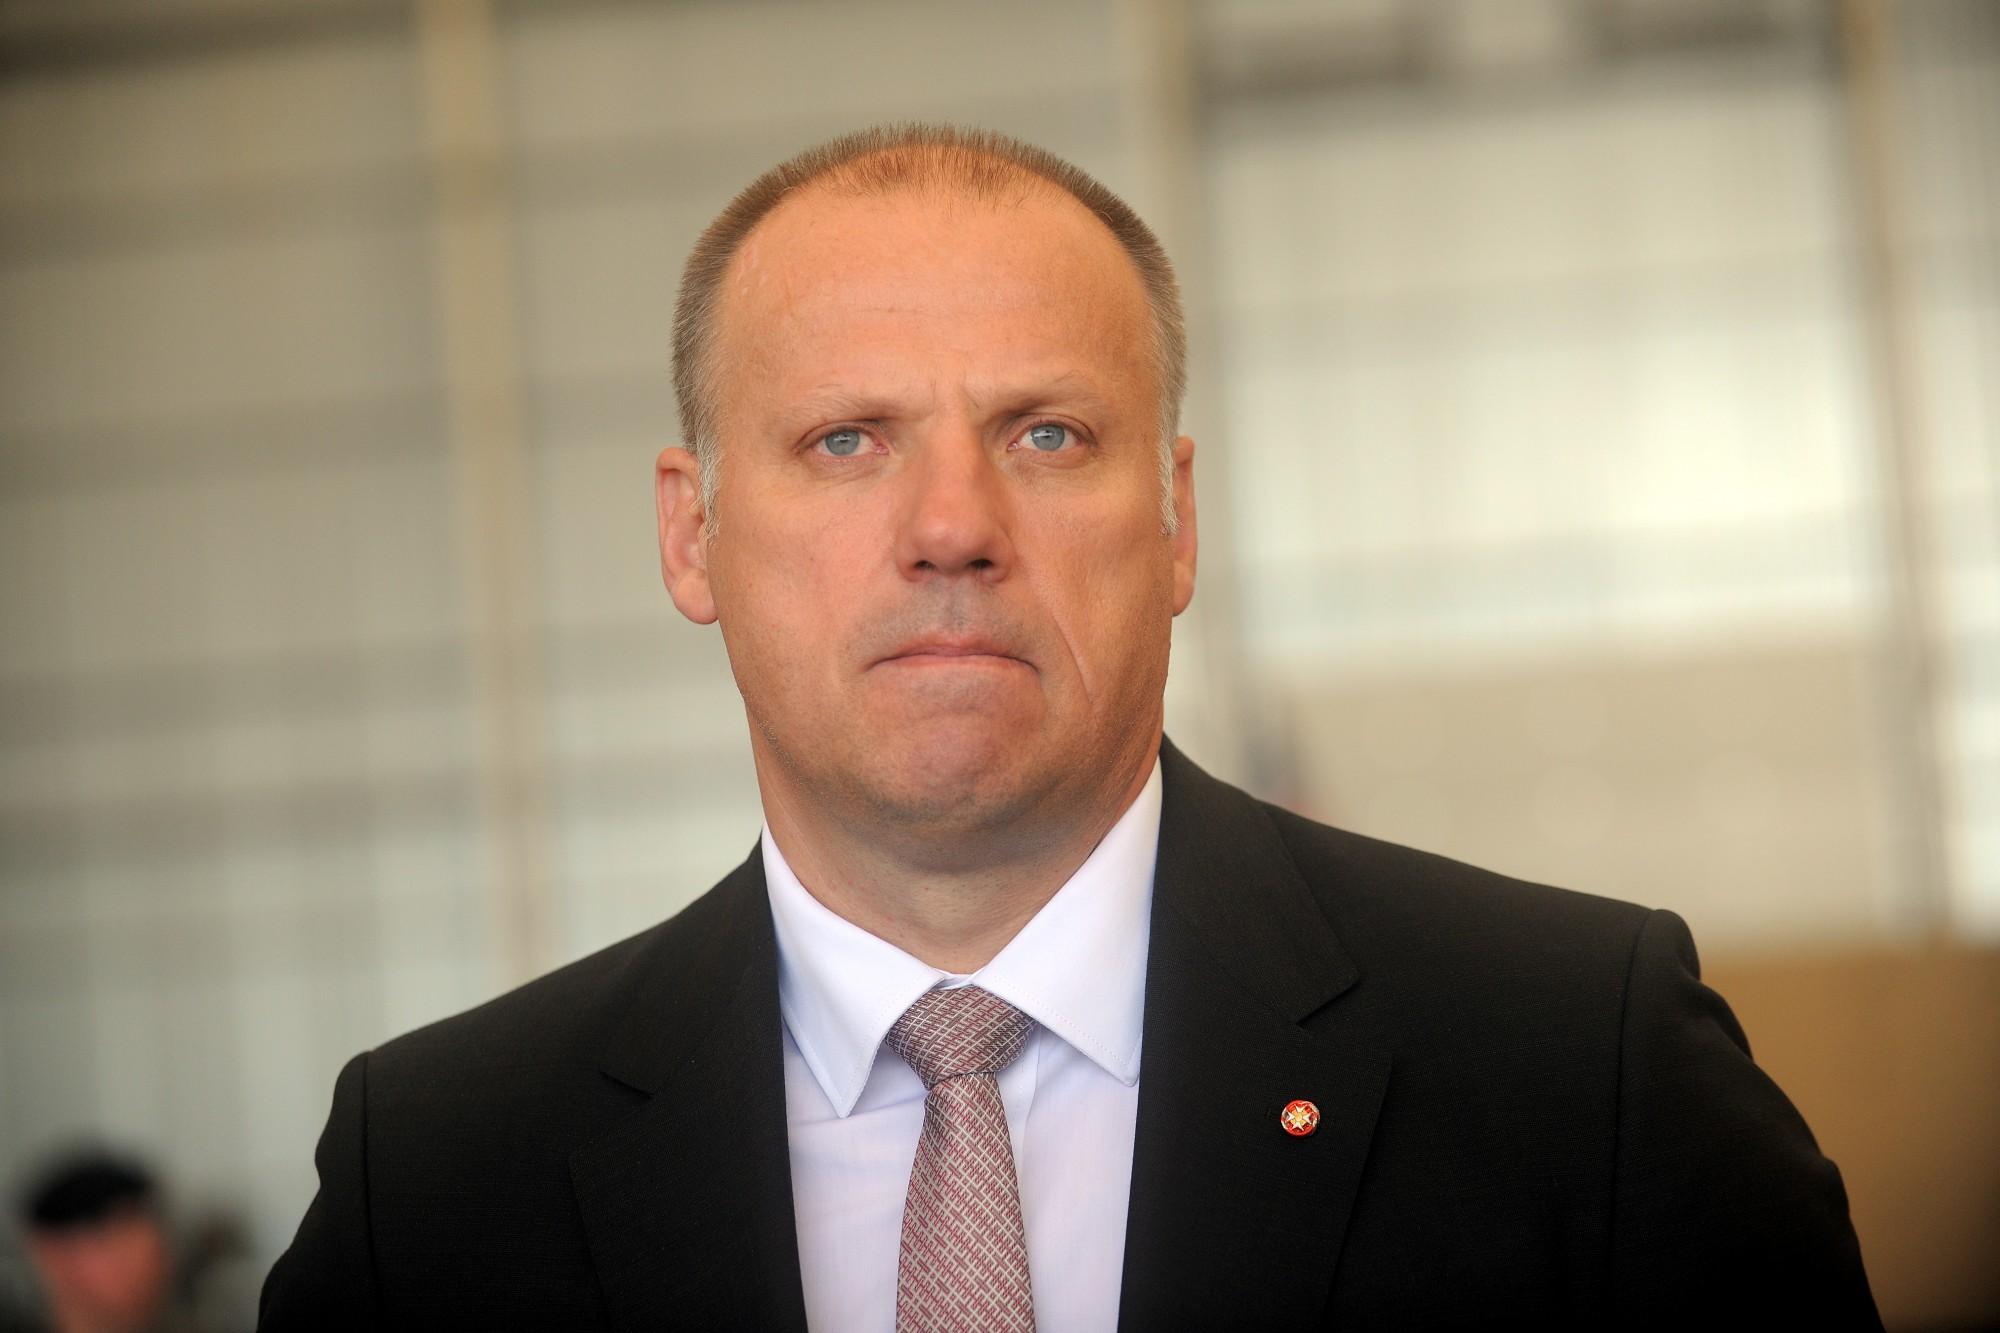 Aizsardzības ministrs reģionālajā vizītē apmeklēs Liepāju